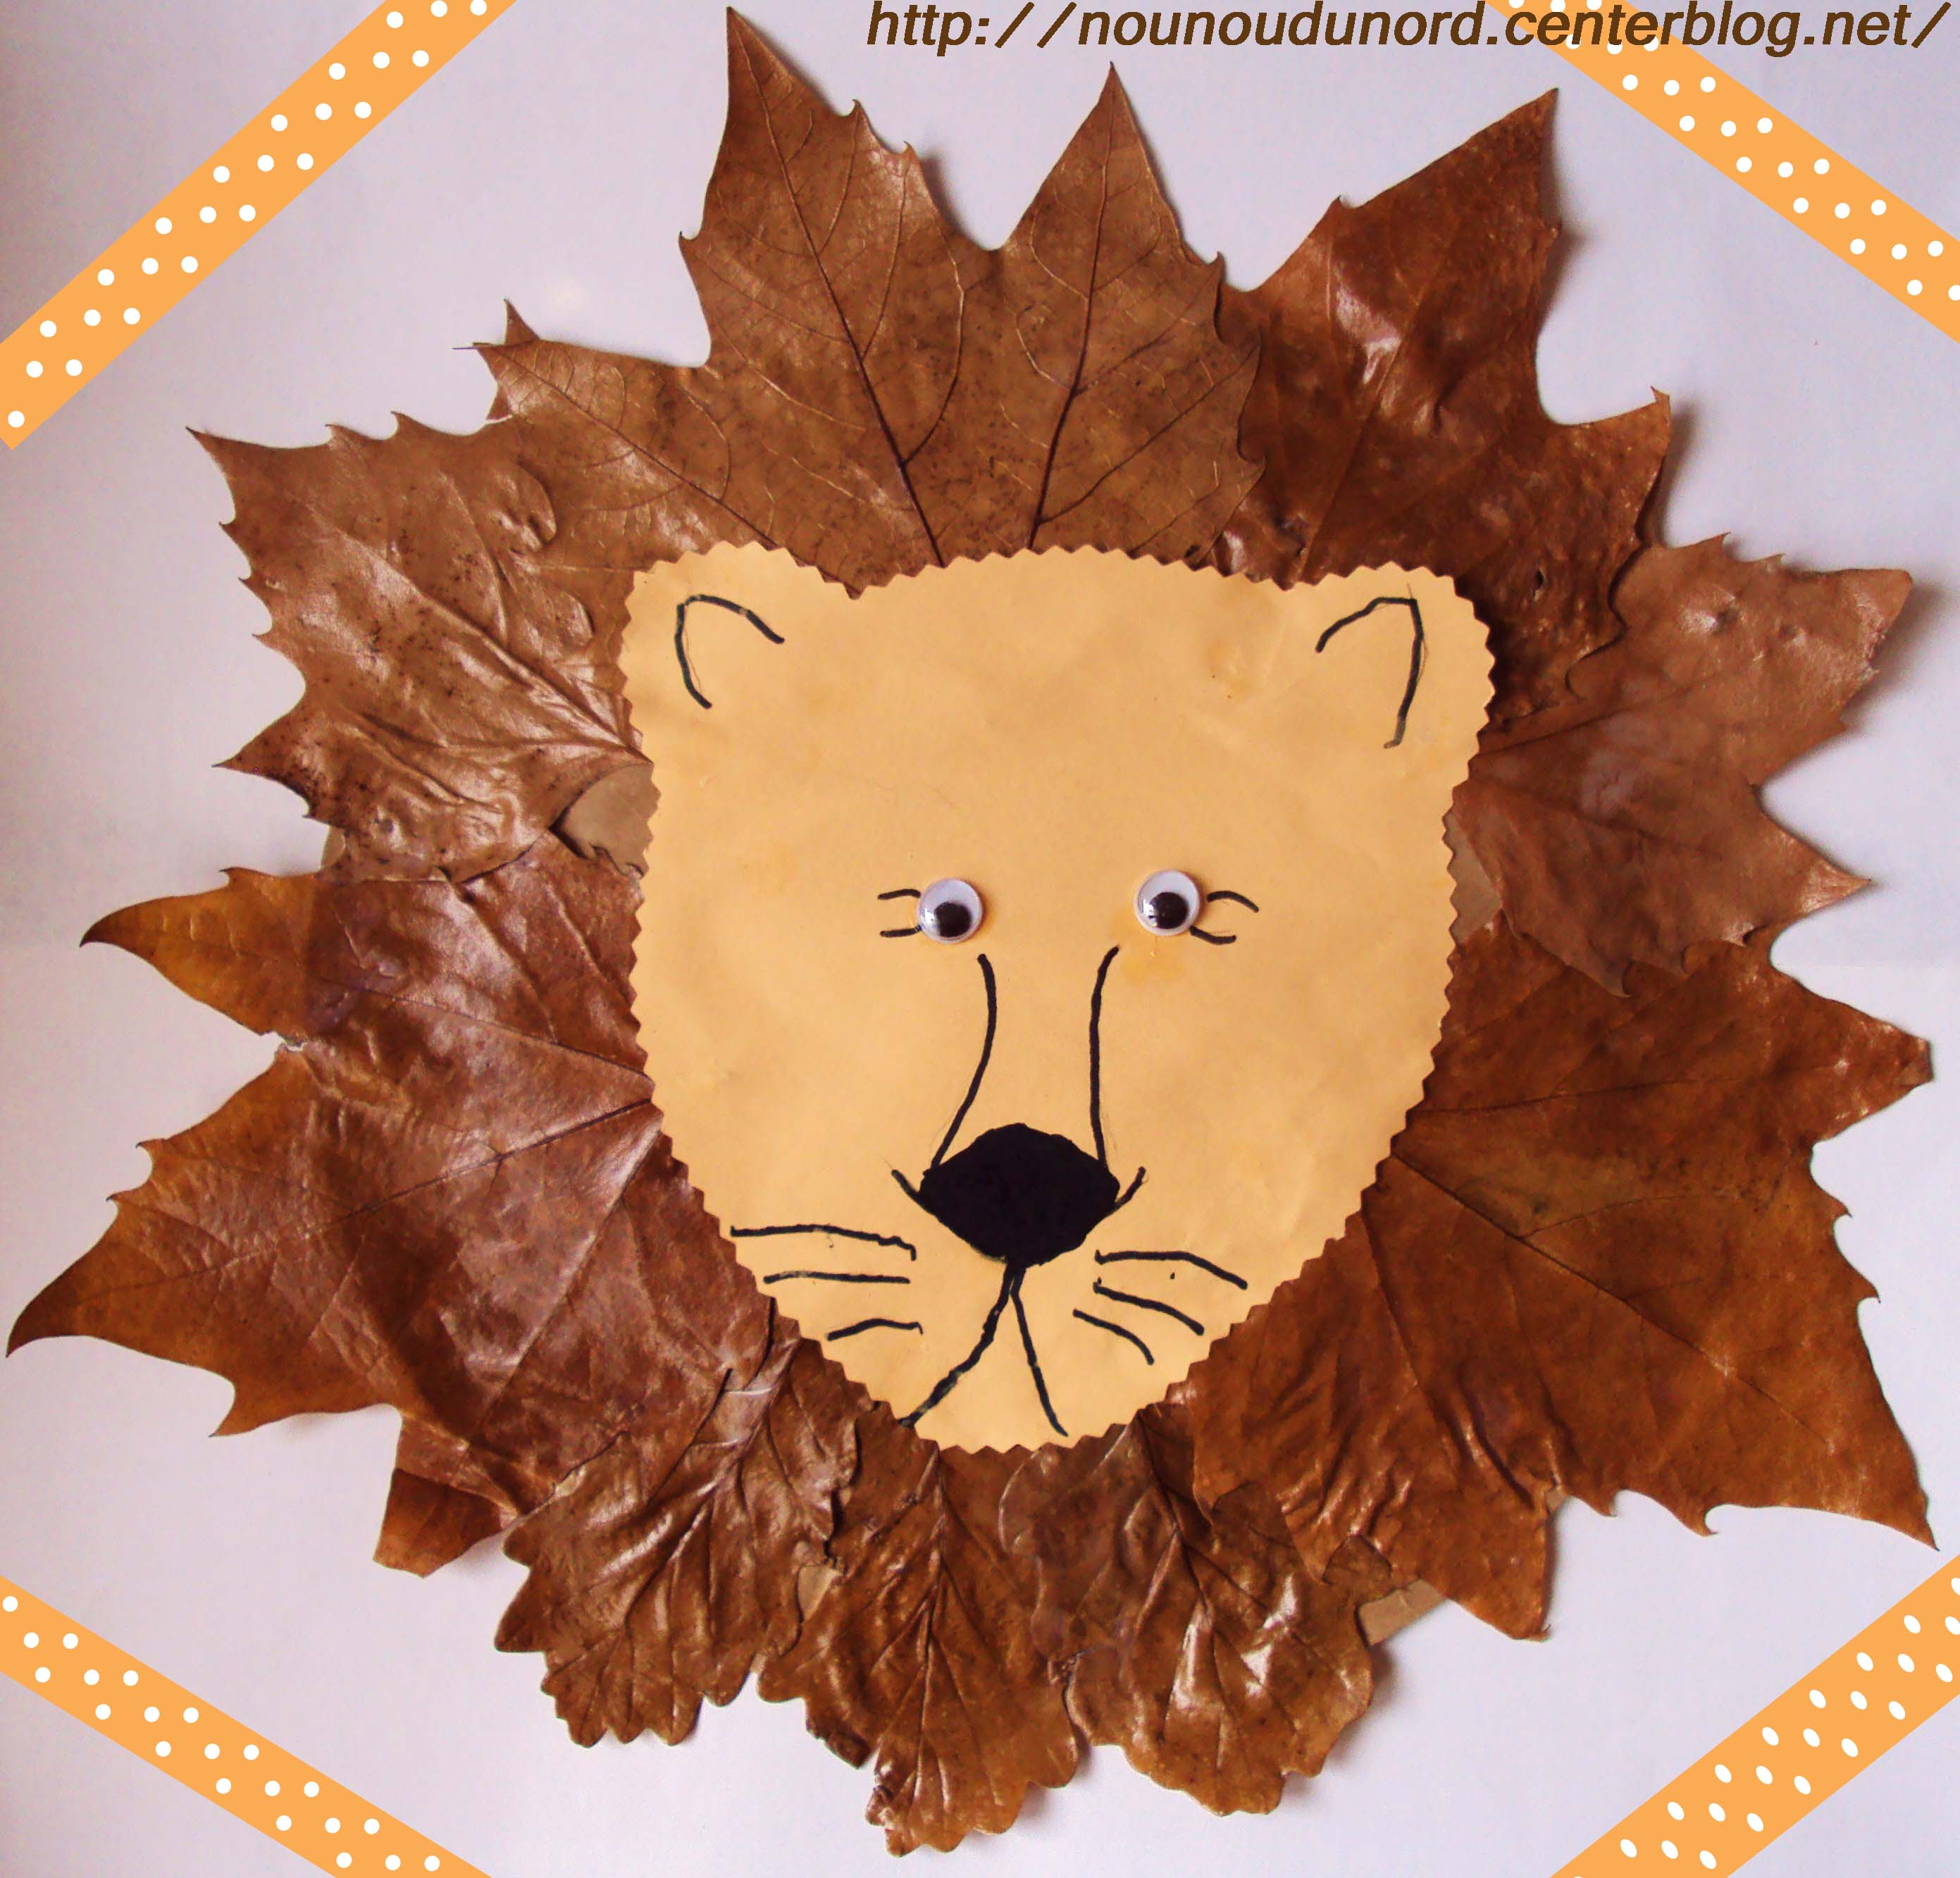 Lion aux feuilles dautomne réalisée par Axelle *Année 2010